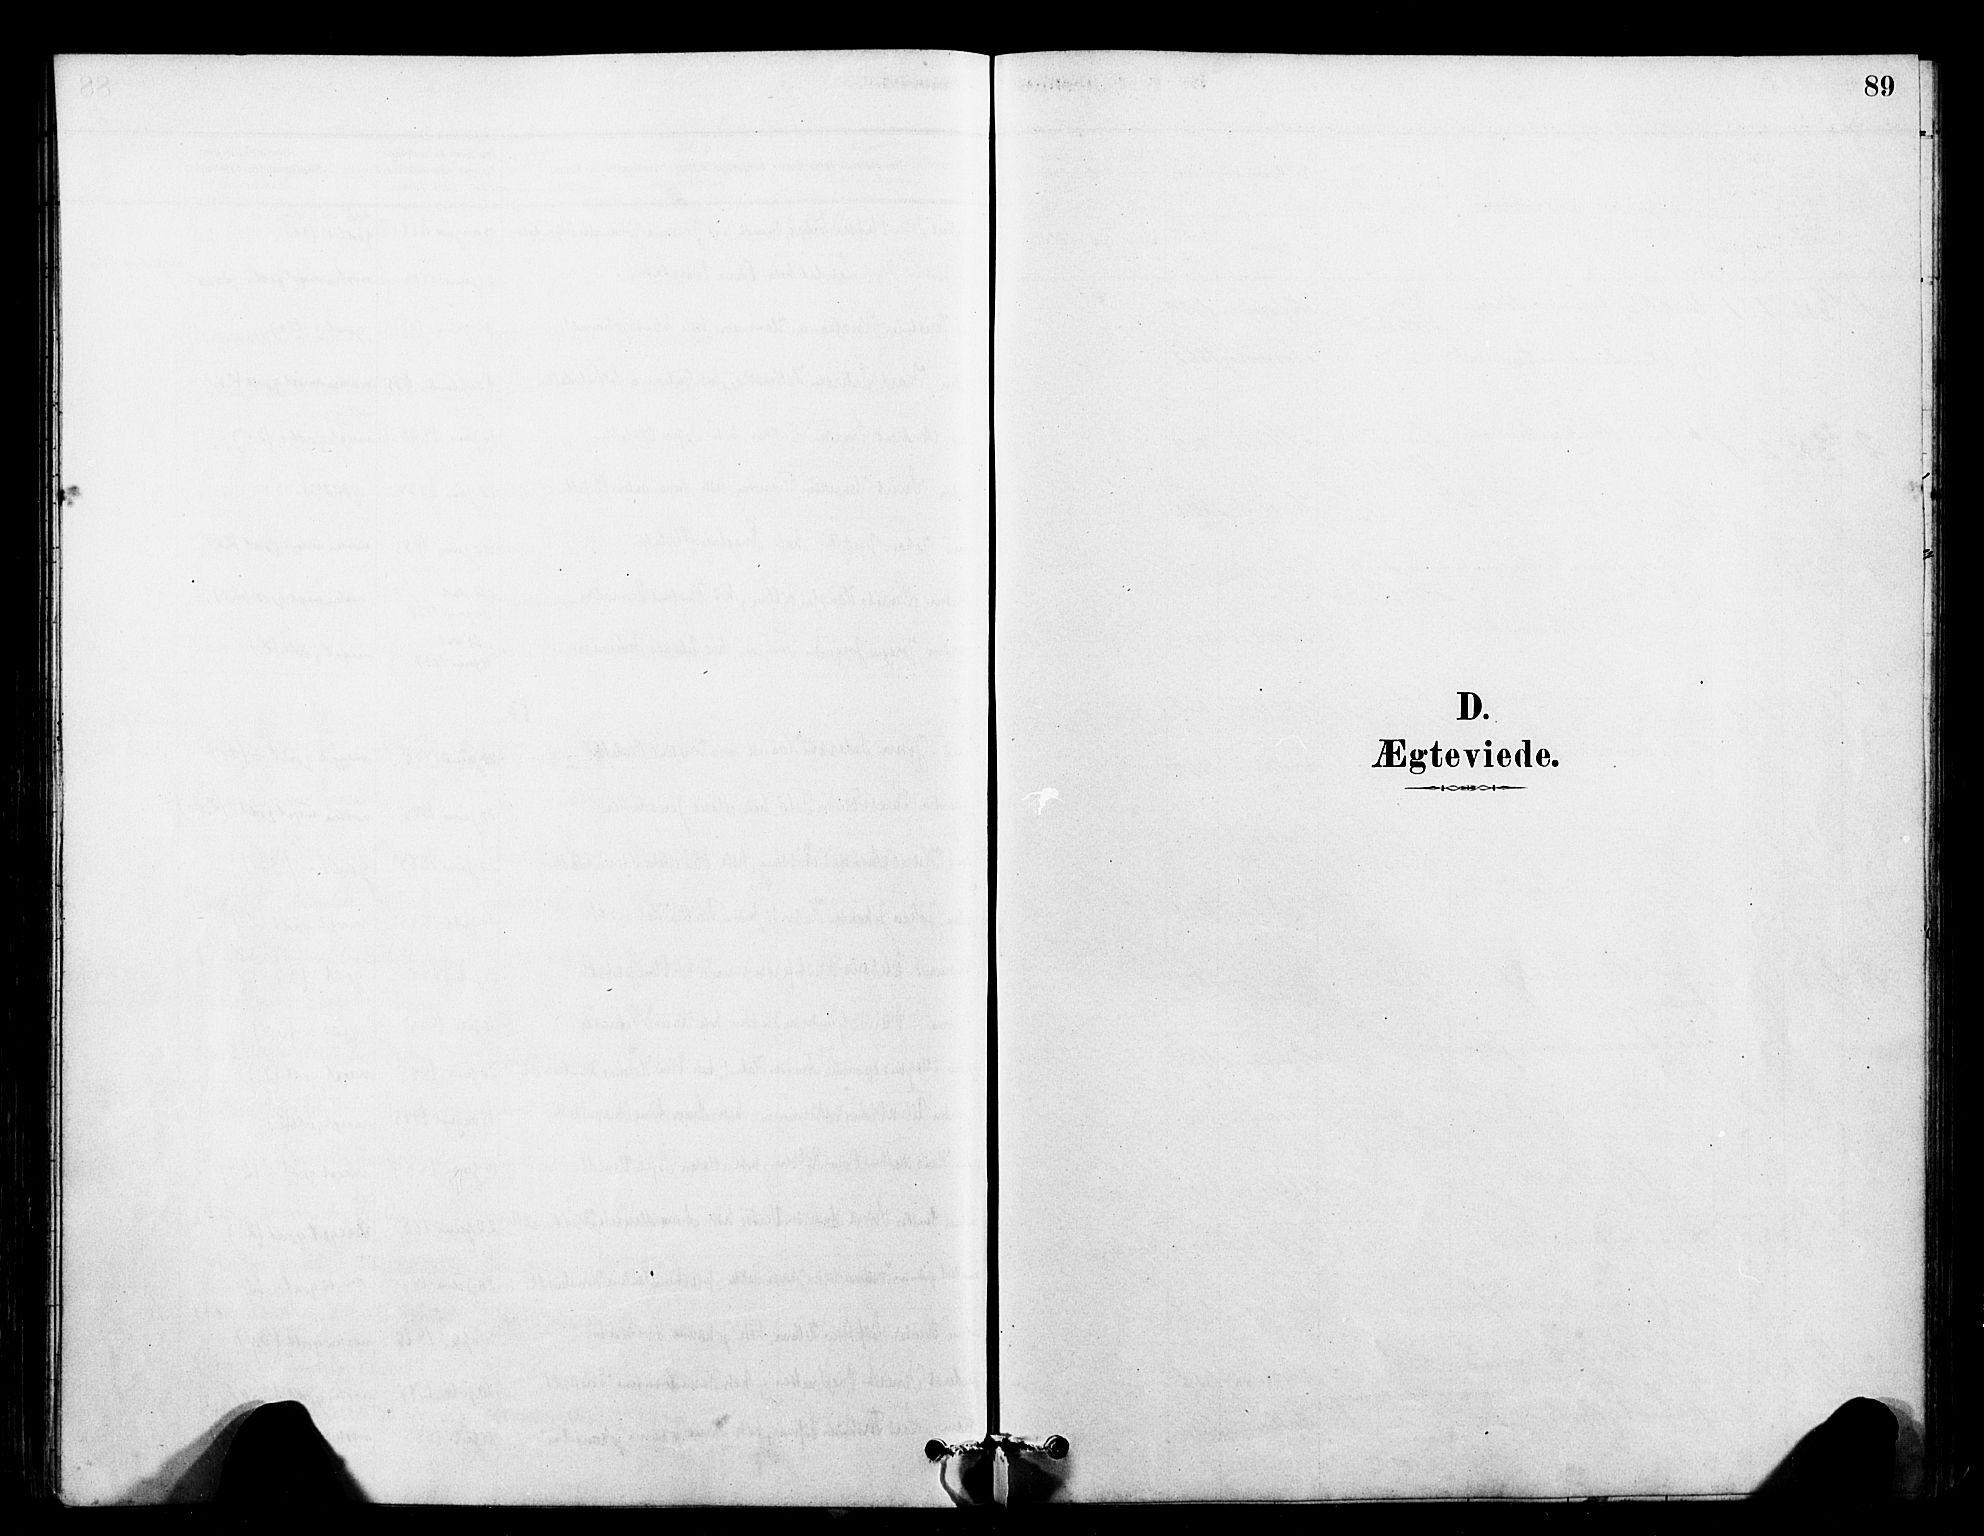 SAT, Ministerialprotokoller, klokkerbøker og fødselsregistre - Sør-Trøndelag, 641/L0595: Ministerialbok nr. 641A01, 1882-1897, s. 89